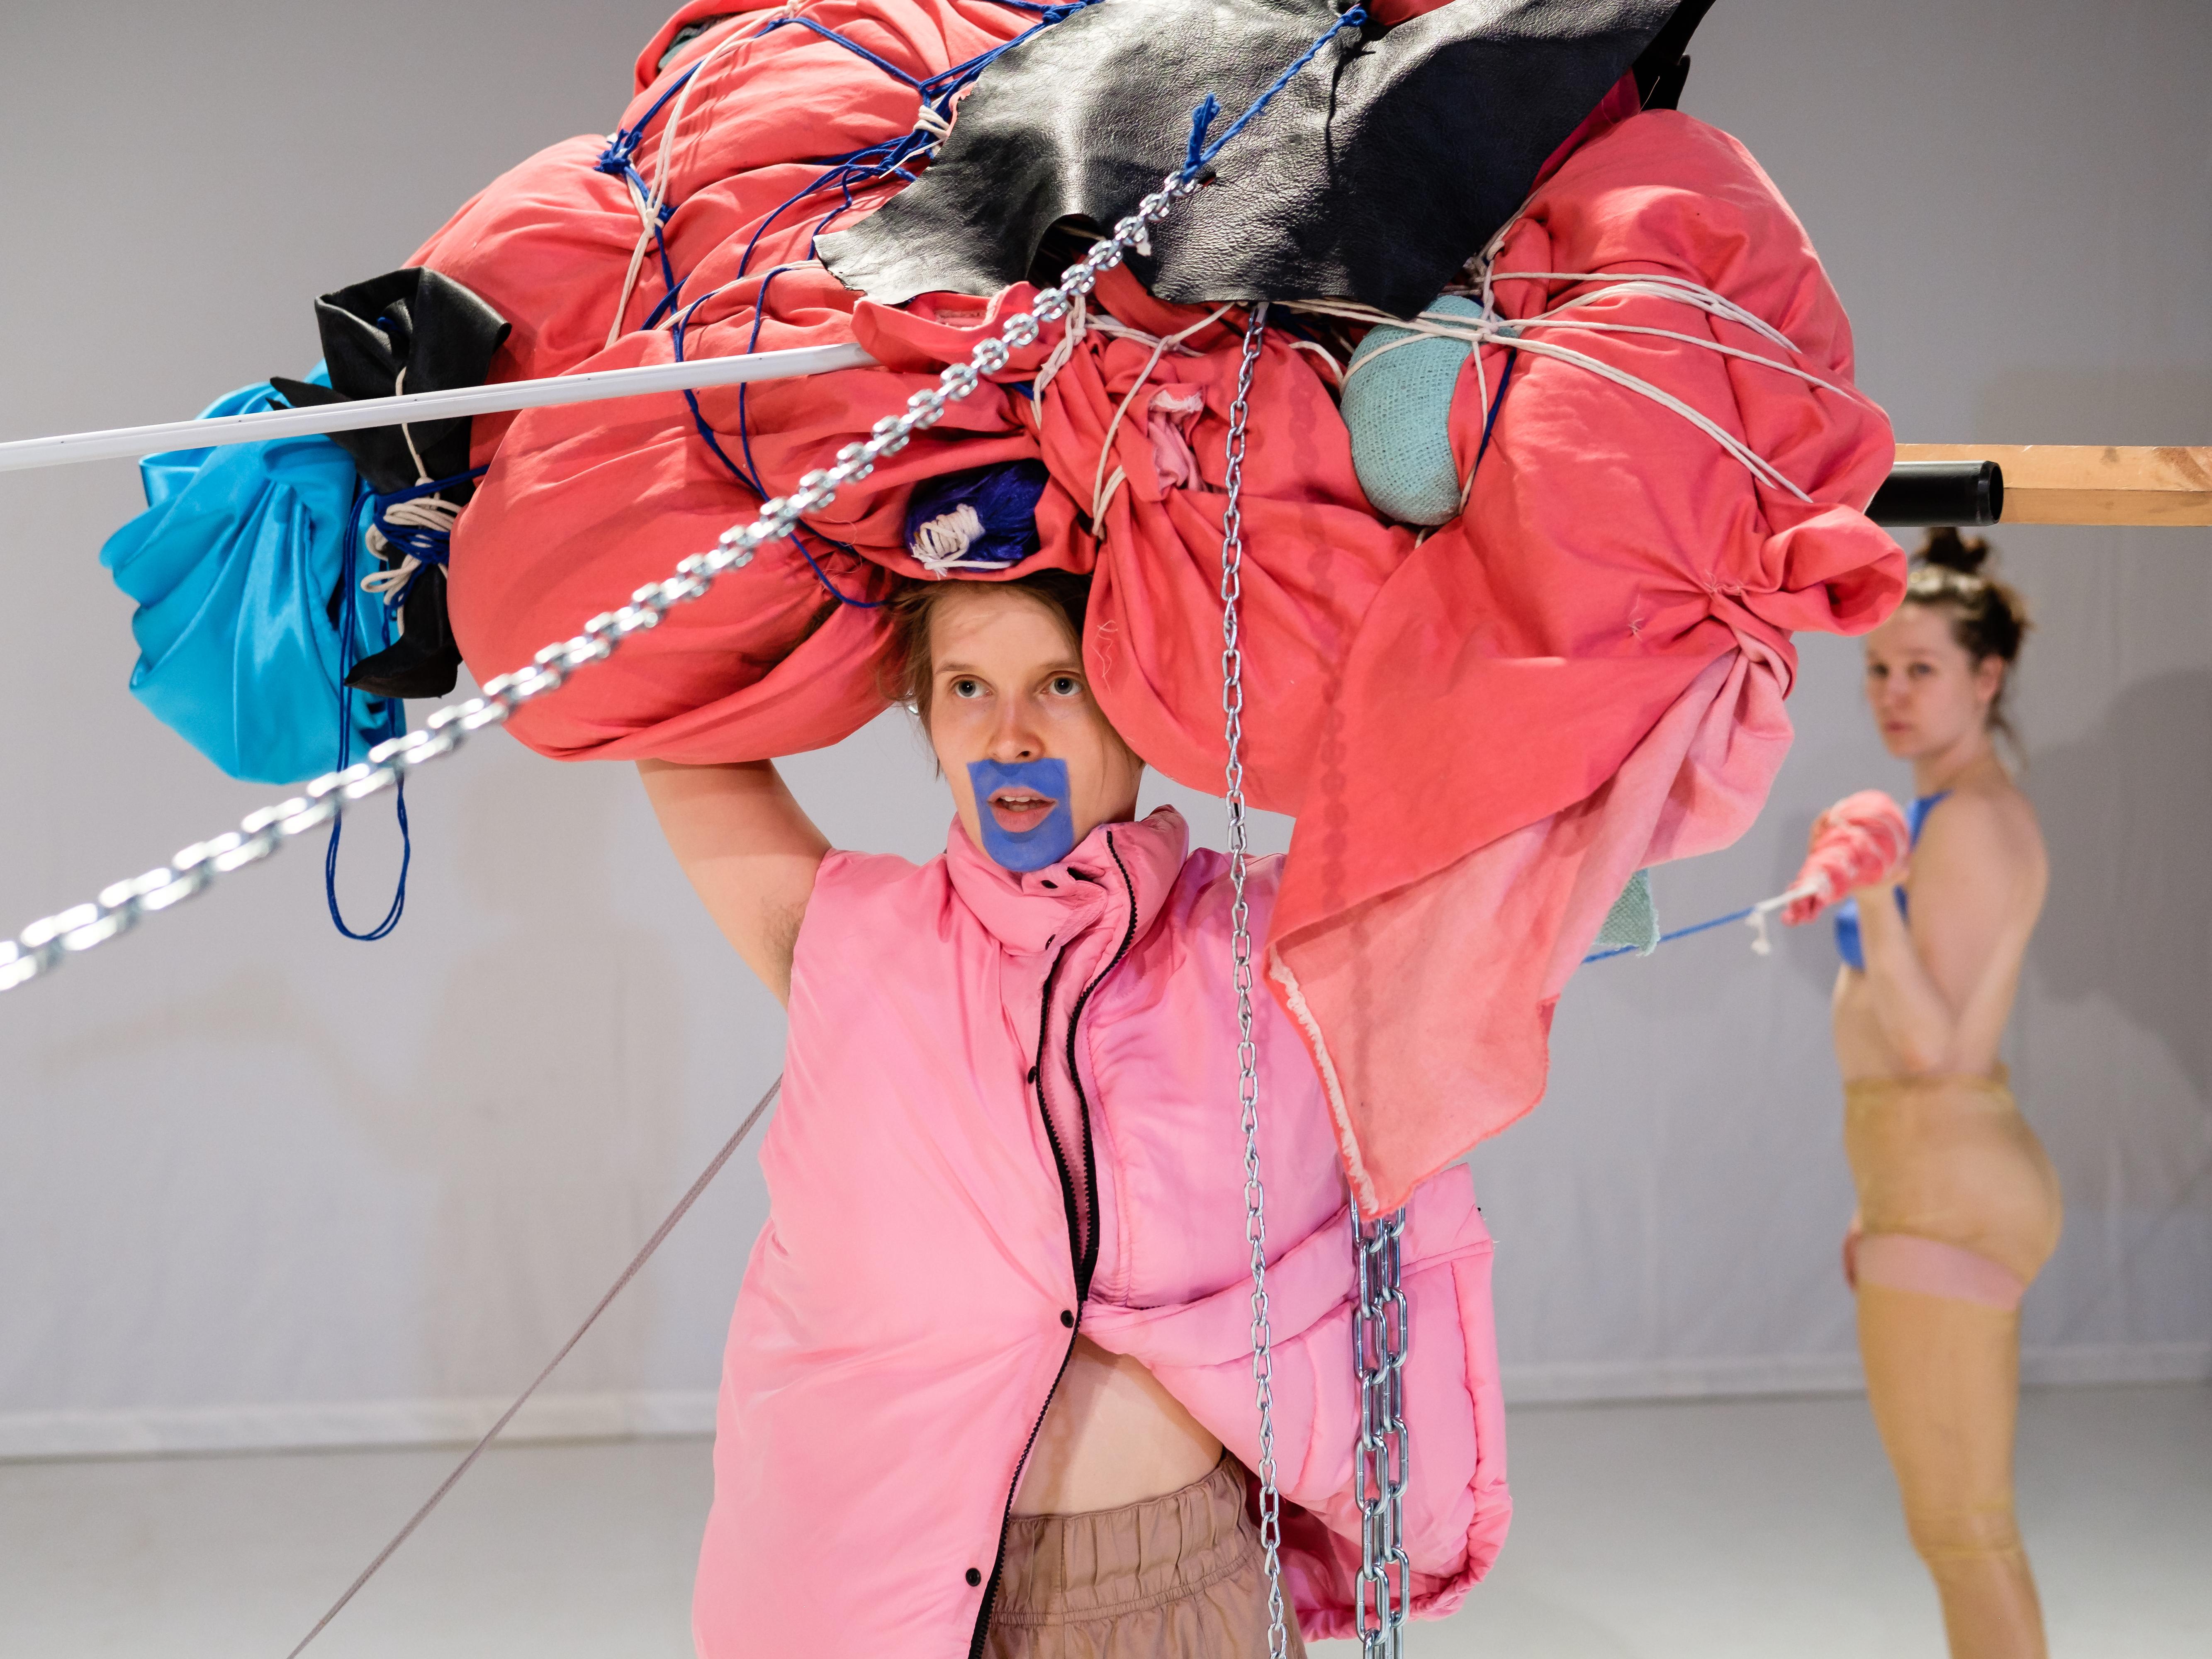 Sonja Jokiniemen esitys Blab saa ensi-iltansa Zodiakissa marraskuussa 2017. Kuvassa: Mira Kautto (vas.), Sara Gurevitch. Kuvaaja: Tomas Uyttendaele